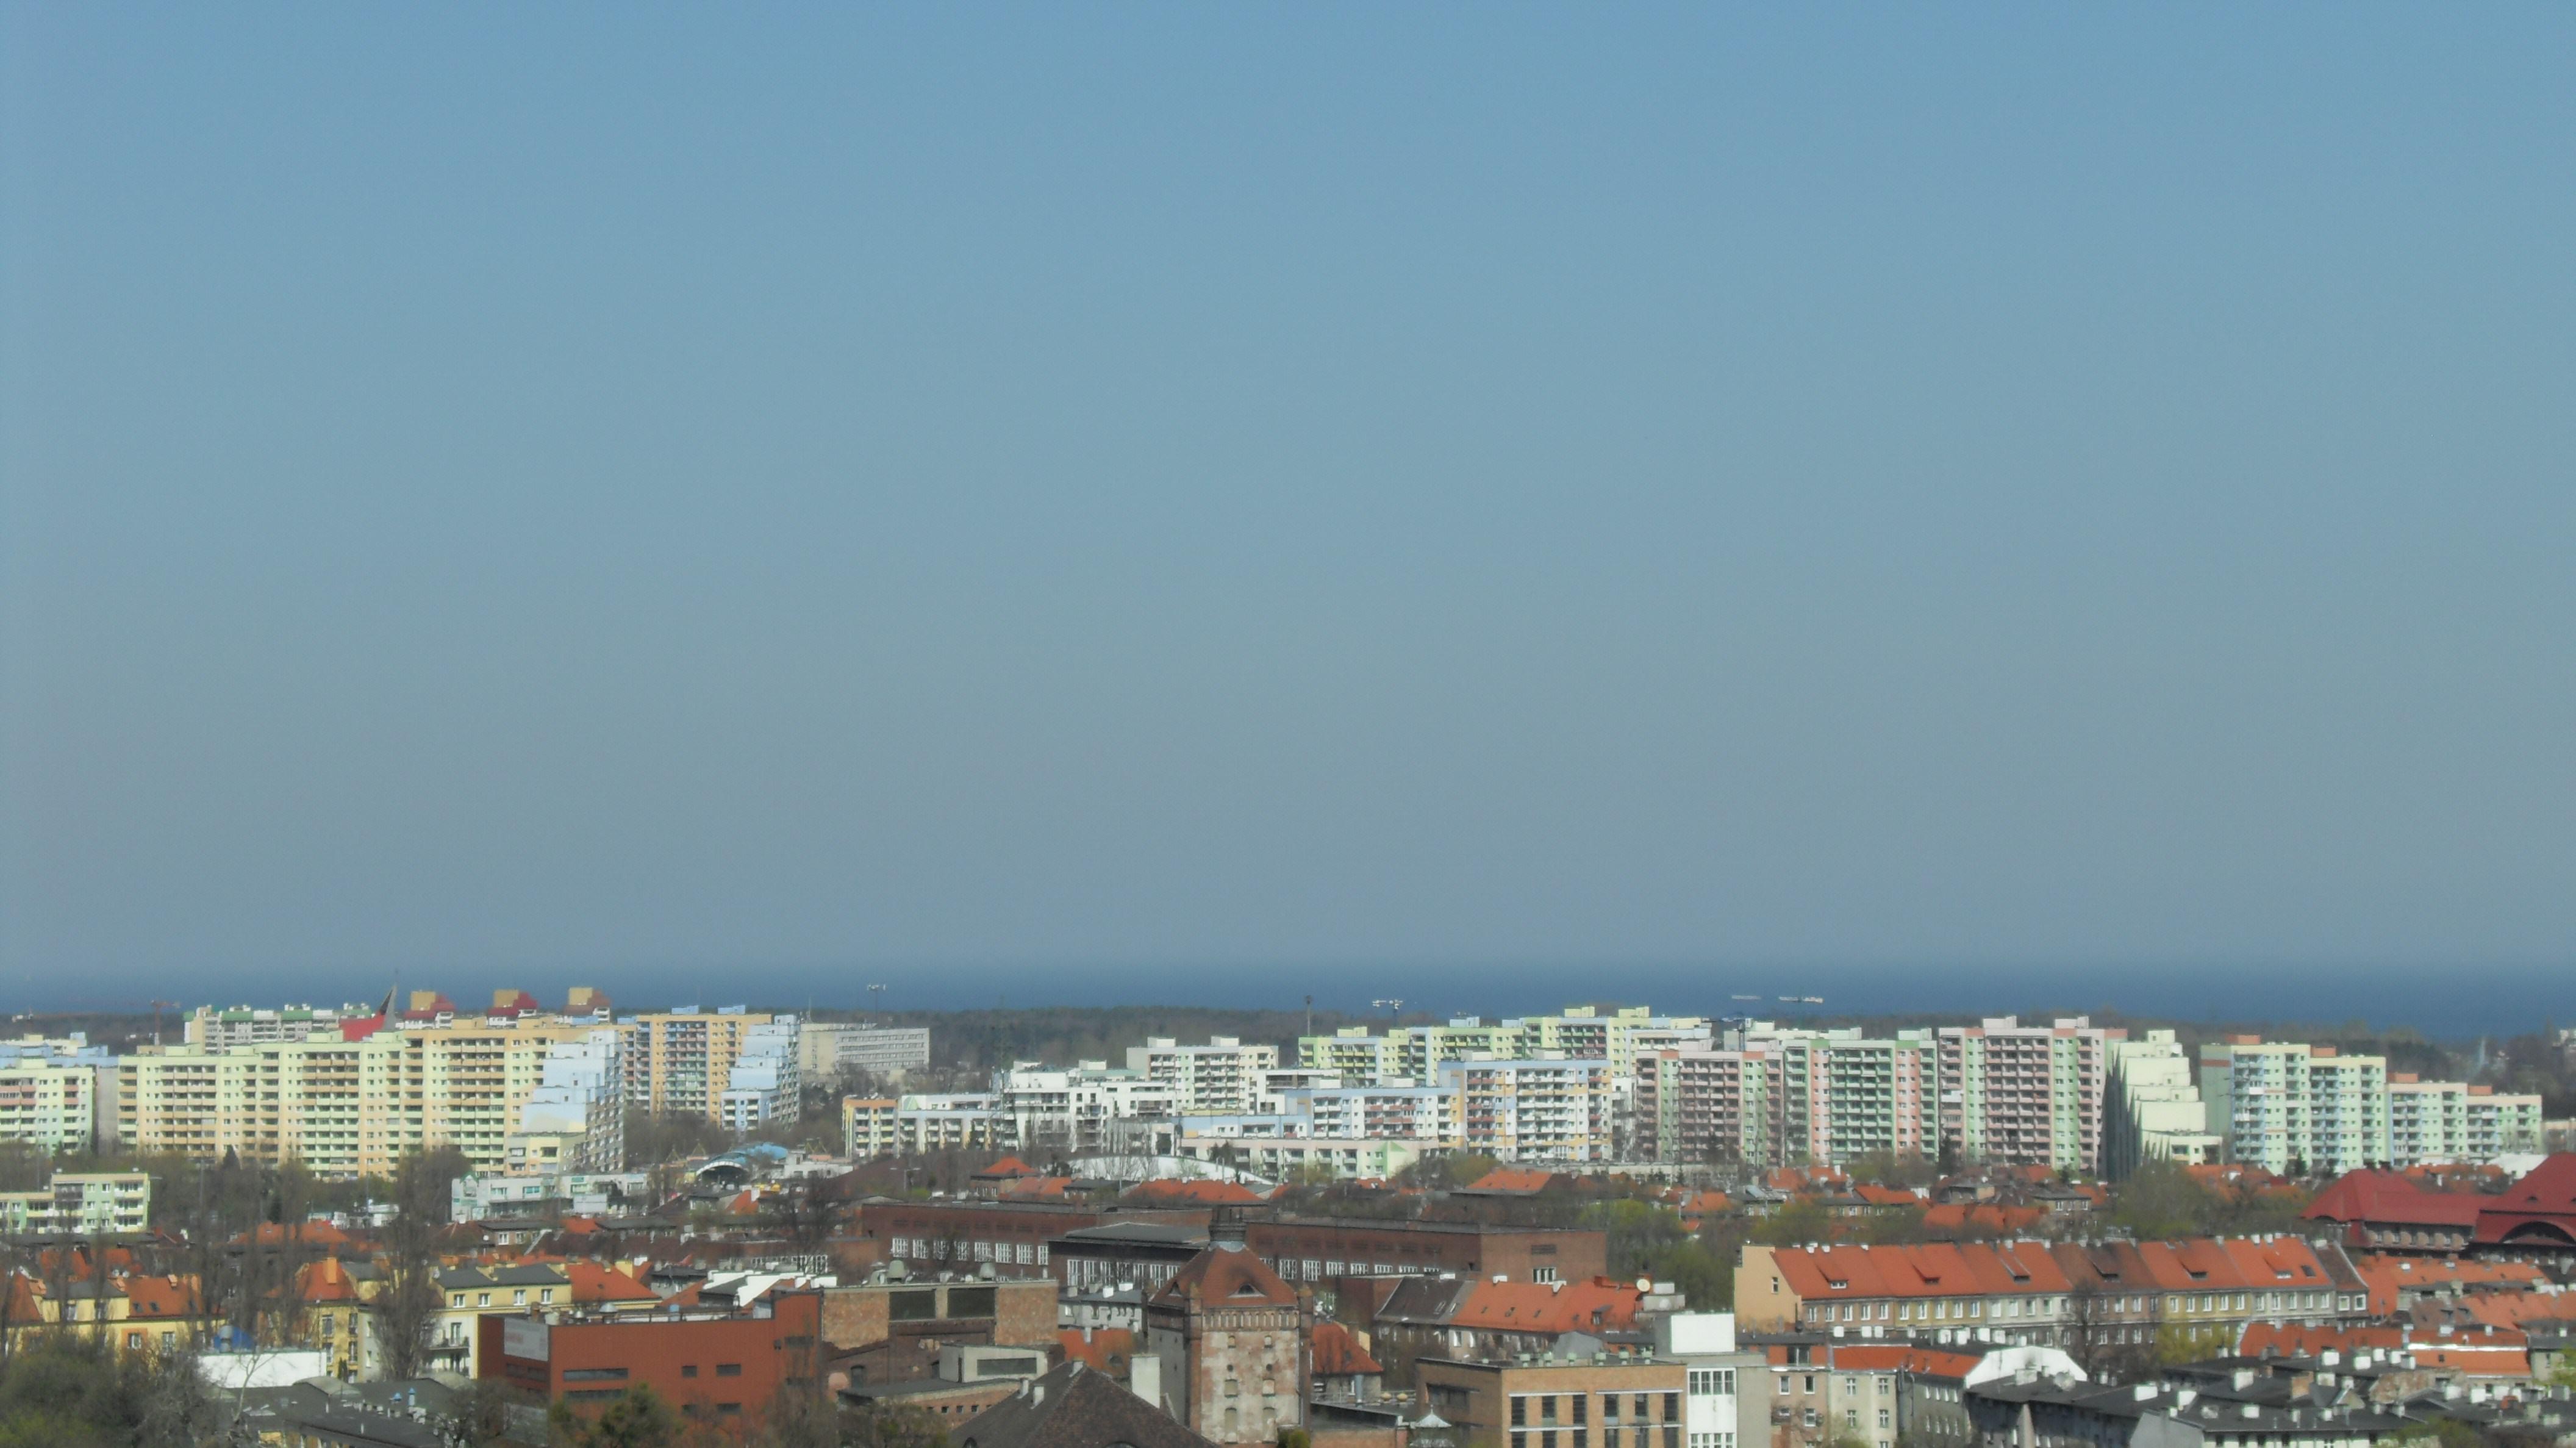 Widok na zróżnicowaną wysokościowo zabudowę dzielnicy Zaspa / fot. Artur Andrzej (Wikimedia Commons) / lic. CC-BY-3.0